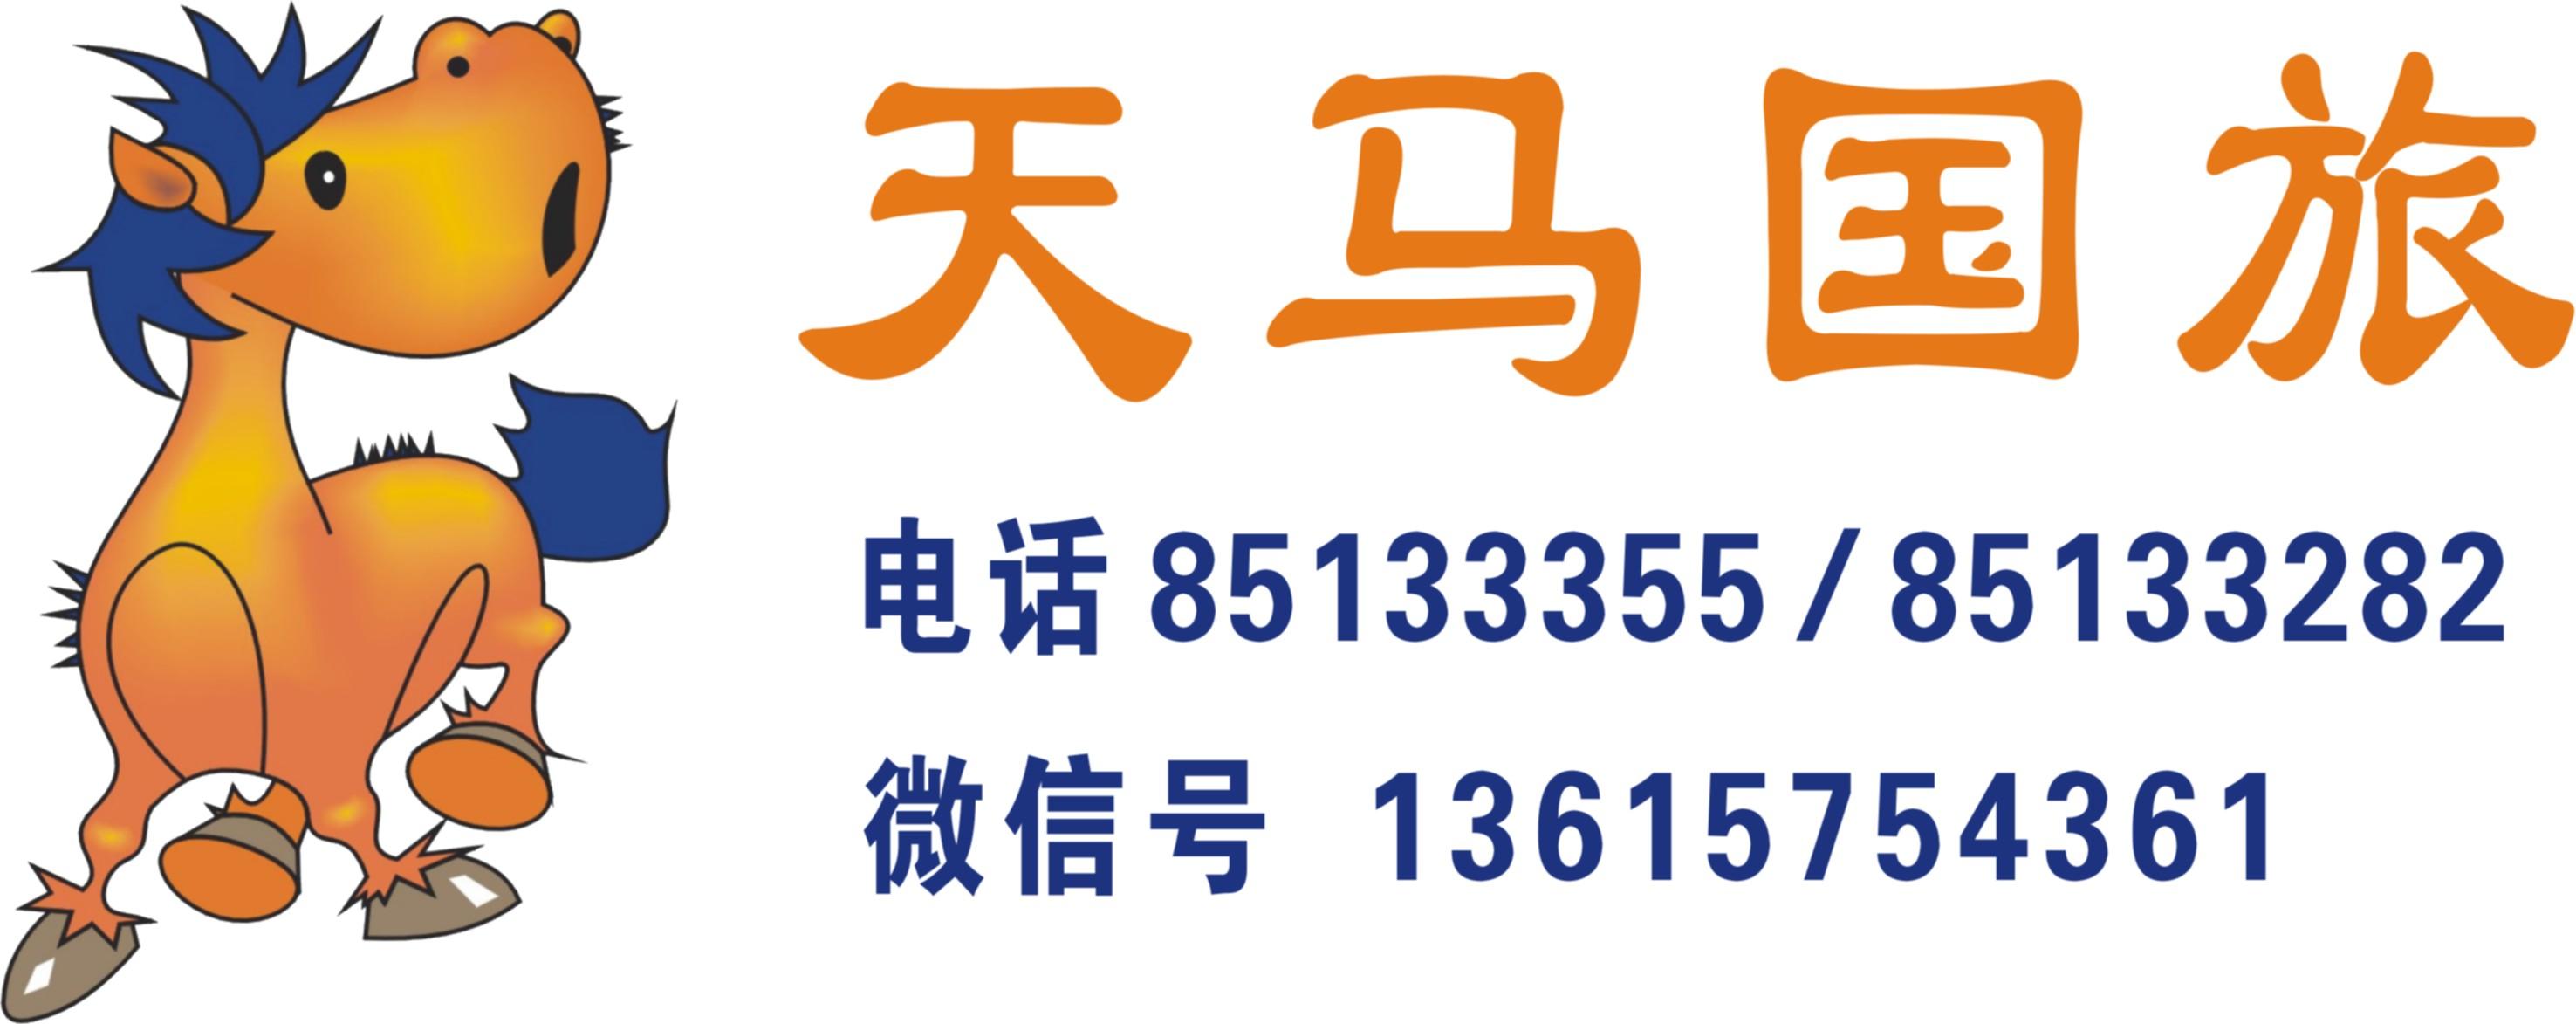 4.21/25/28【杭州宋城、《千古情》表演一日】